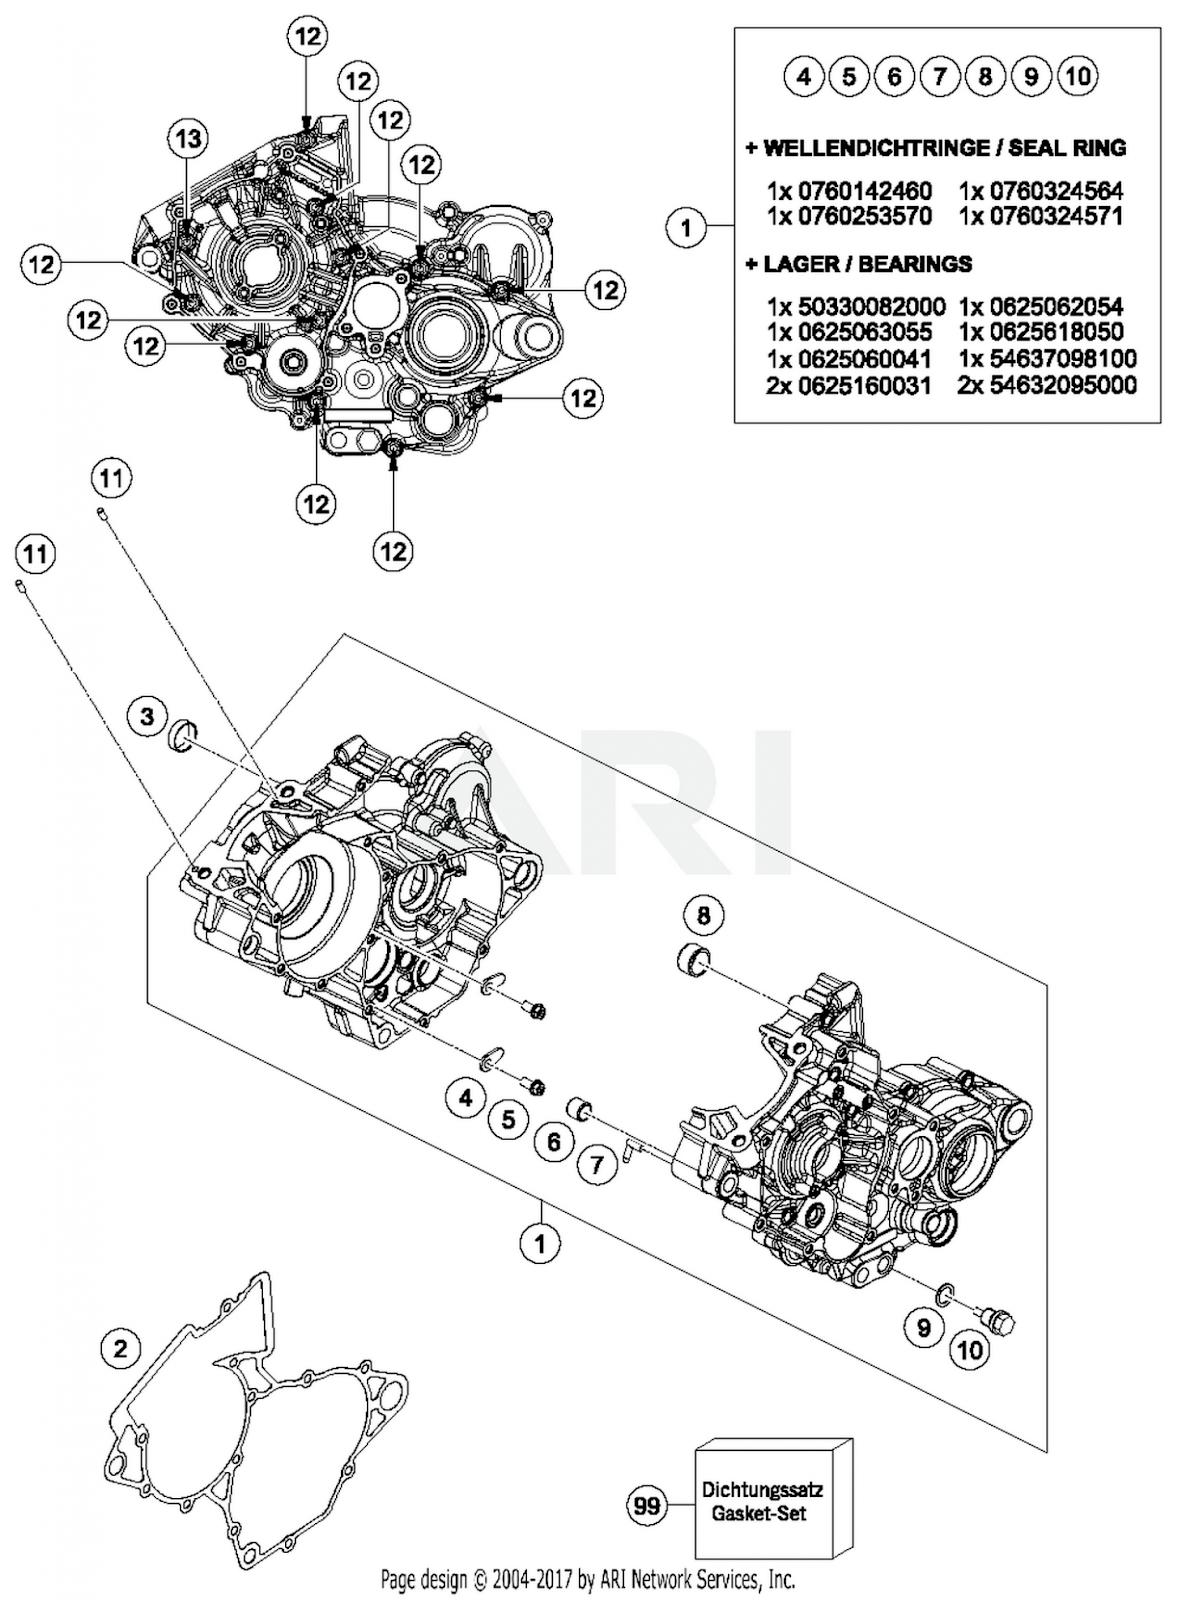 Lt6 Engine Diagram Wiring